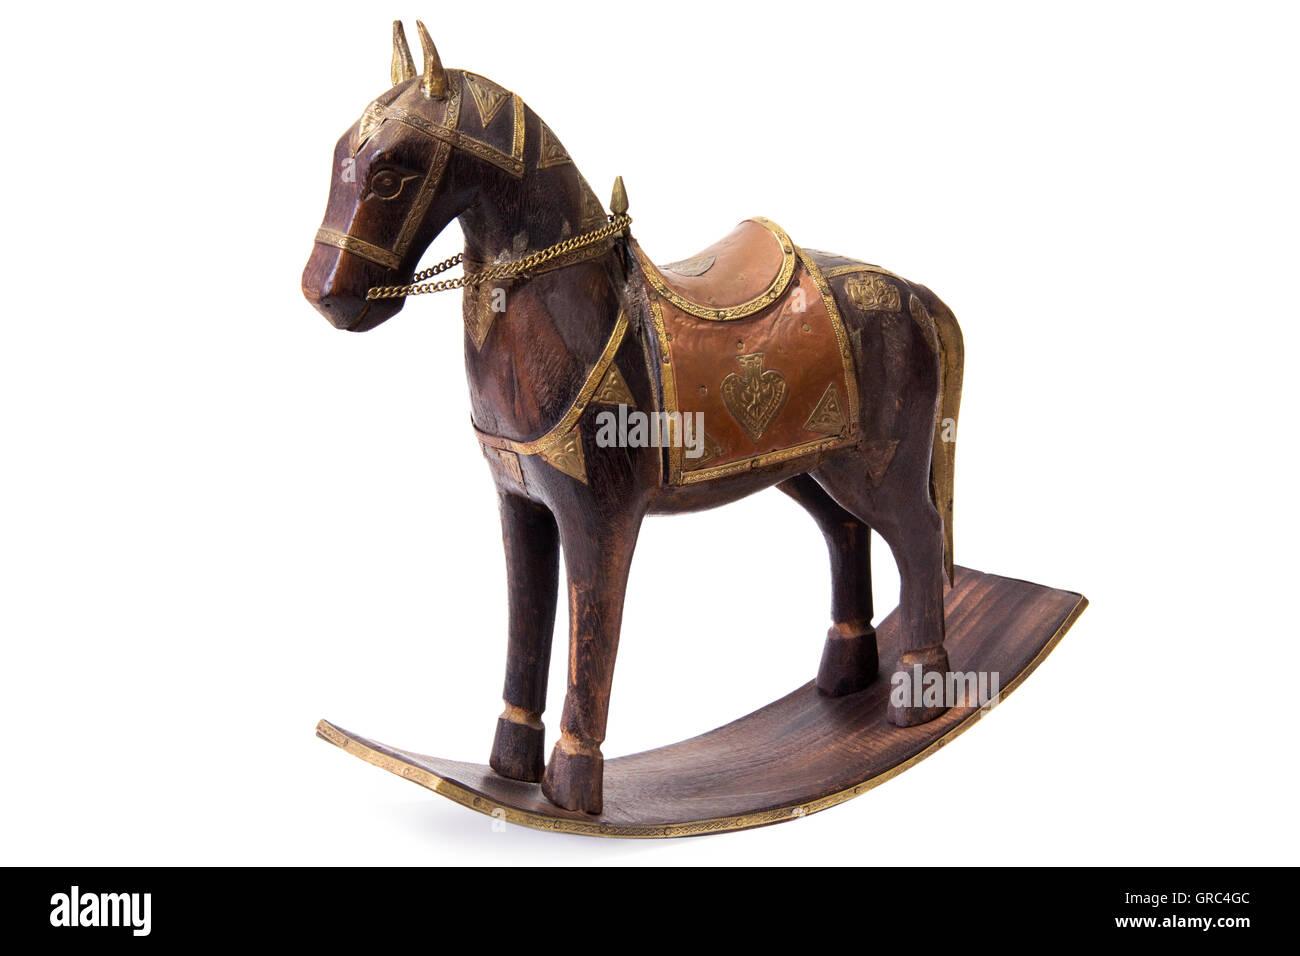 Cavallo A Dondolo Artigianale.Scolpiti In Legno Cavallo A Dondolo Figurina Su Sfondo